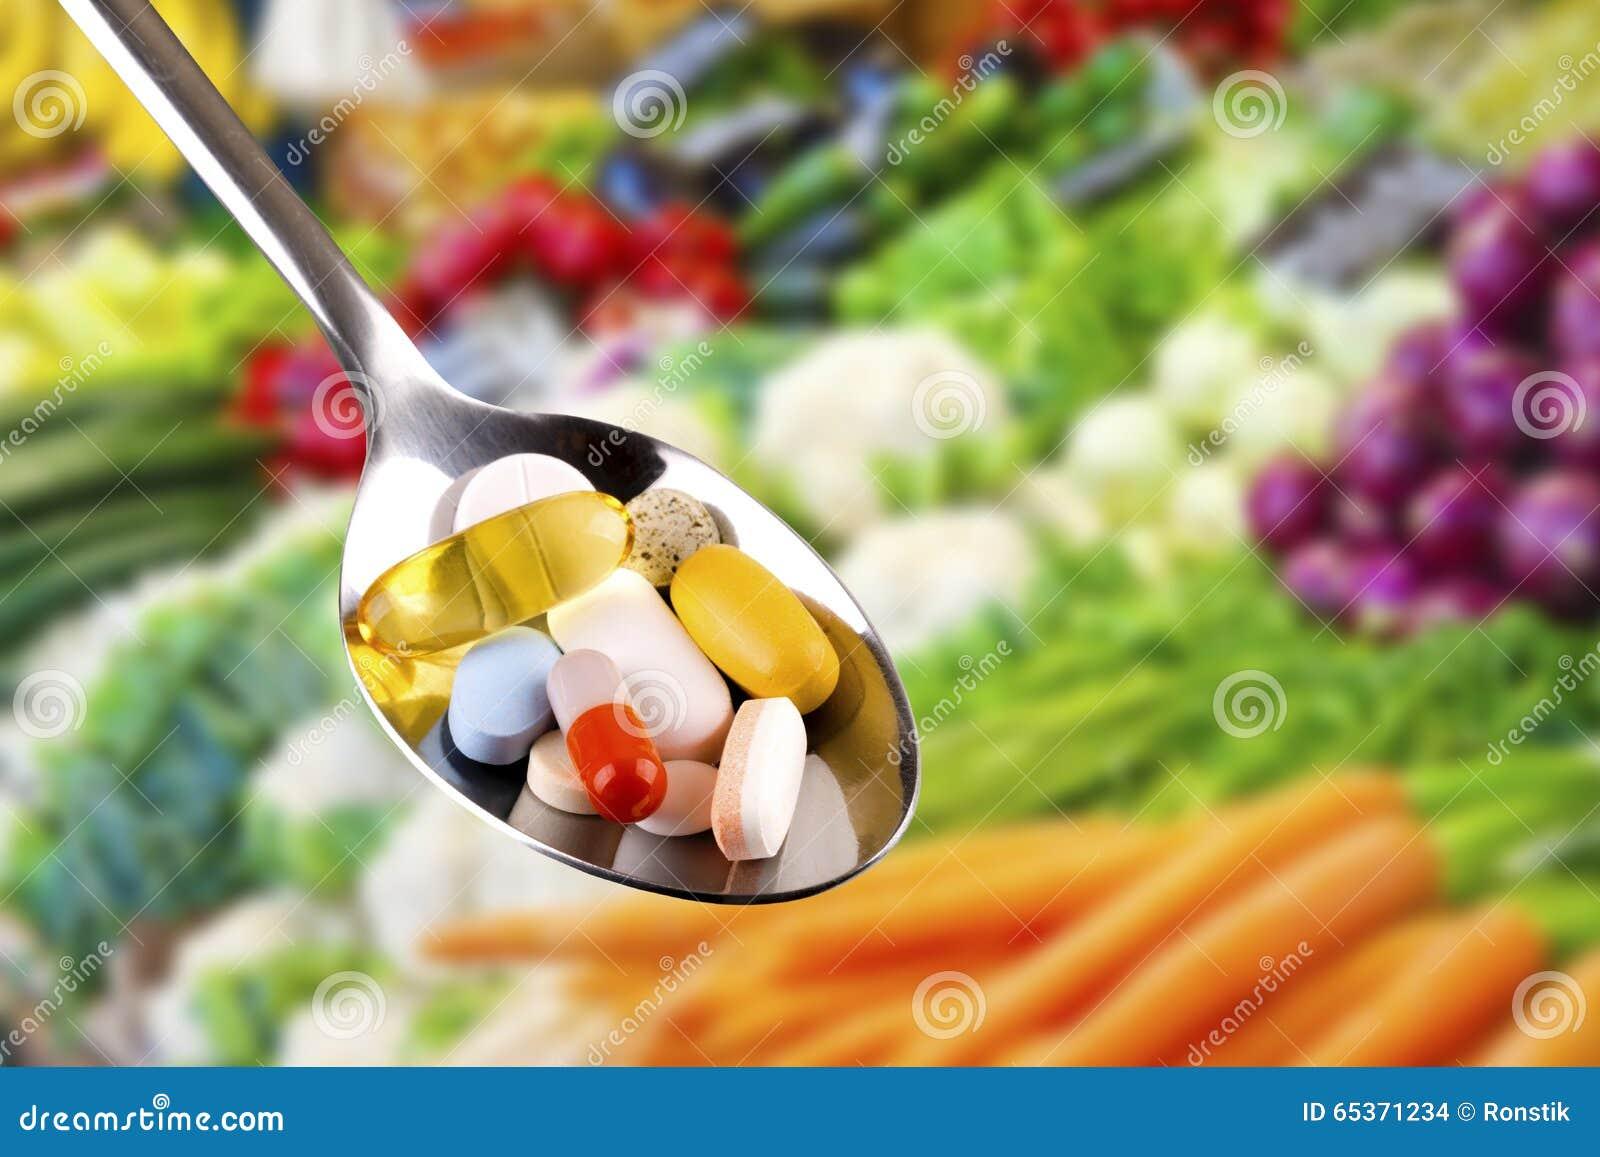 Colher com comprimidos, suplementos dietéticos no fundo dos vegetais